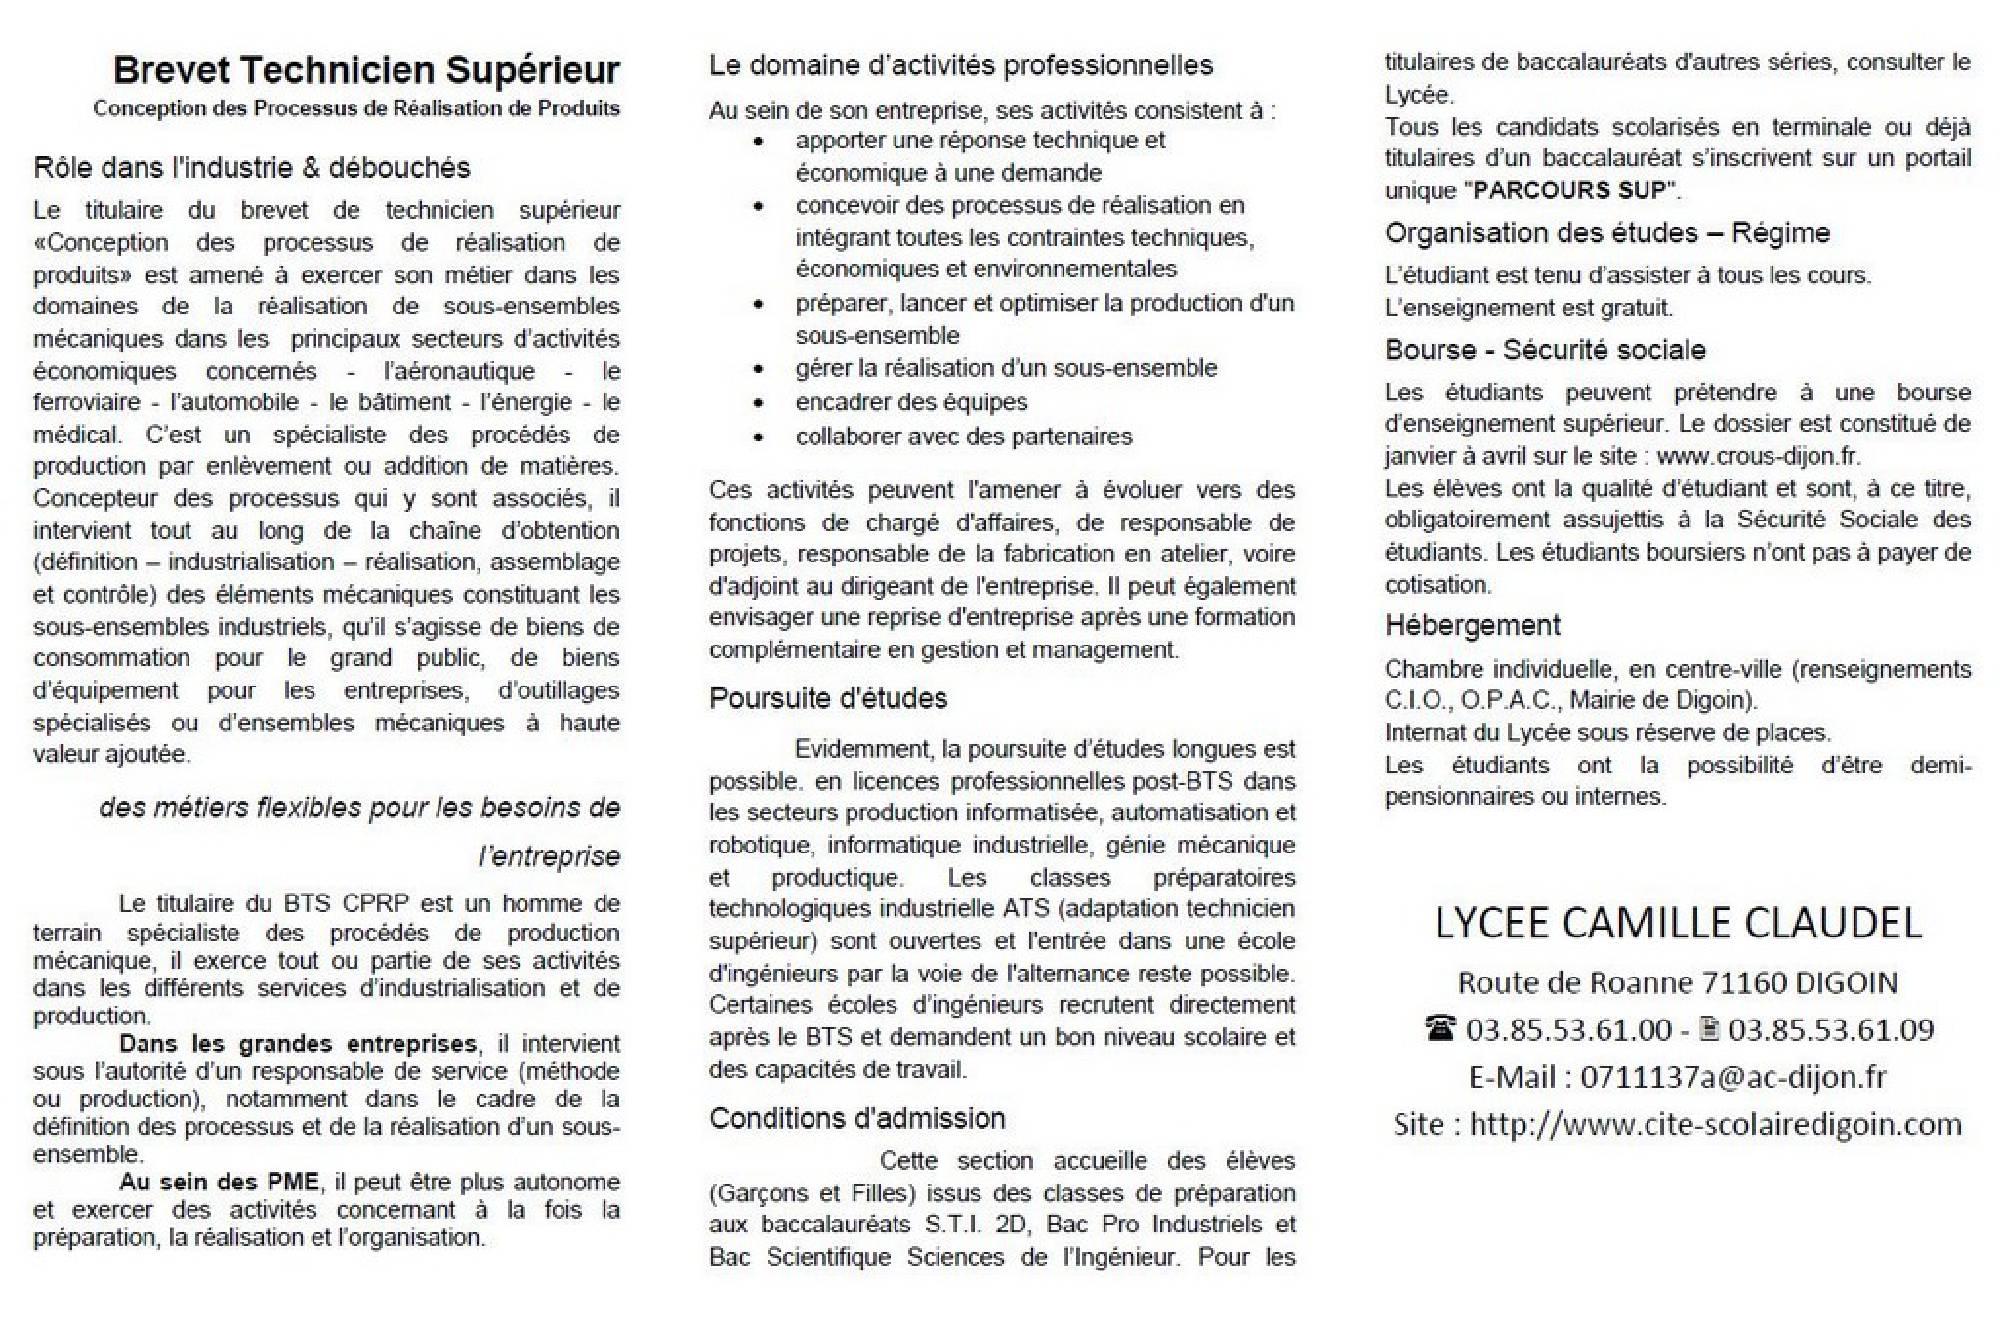 Bts Conception Des Processus De Production De Produits Cité